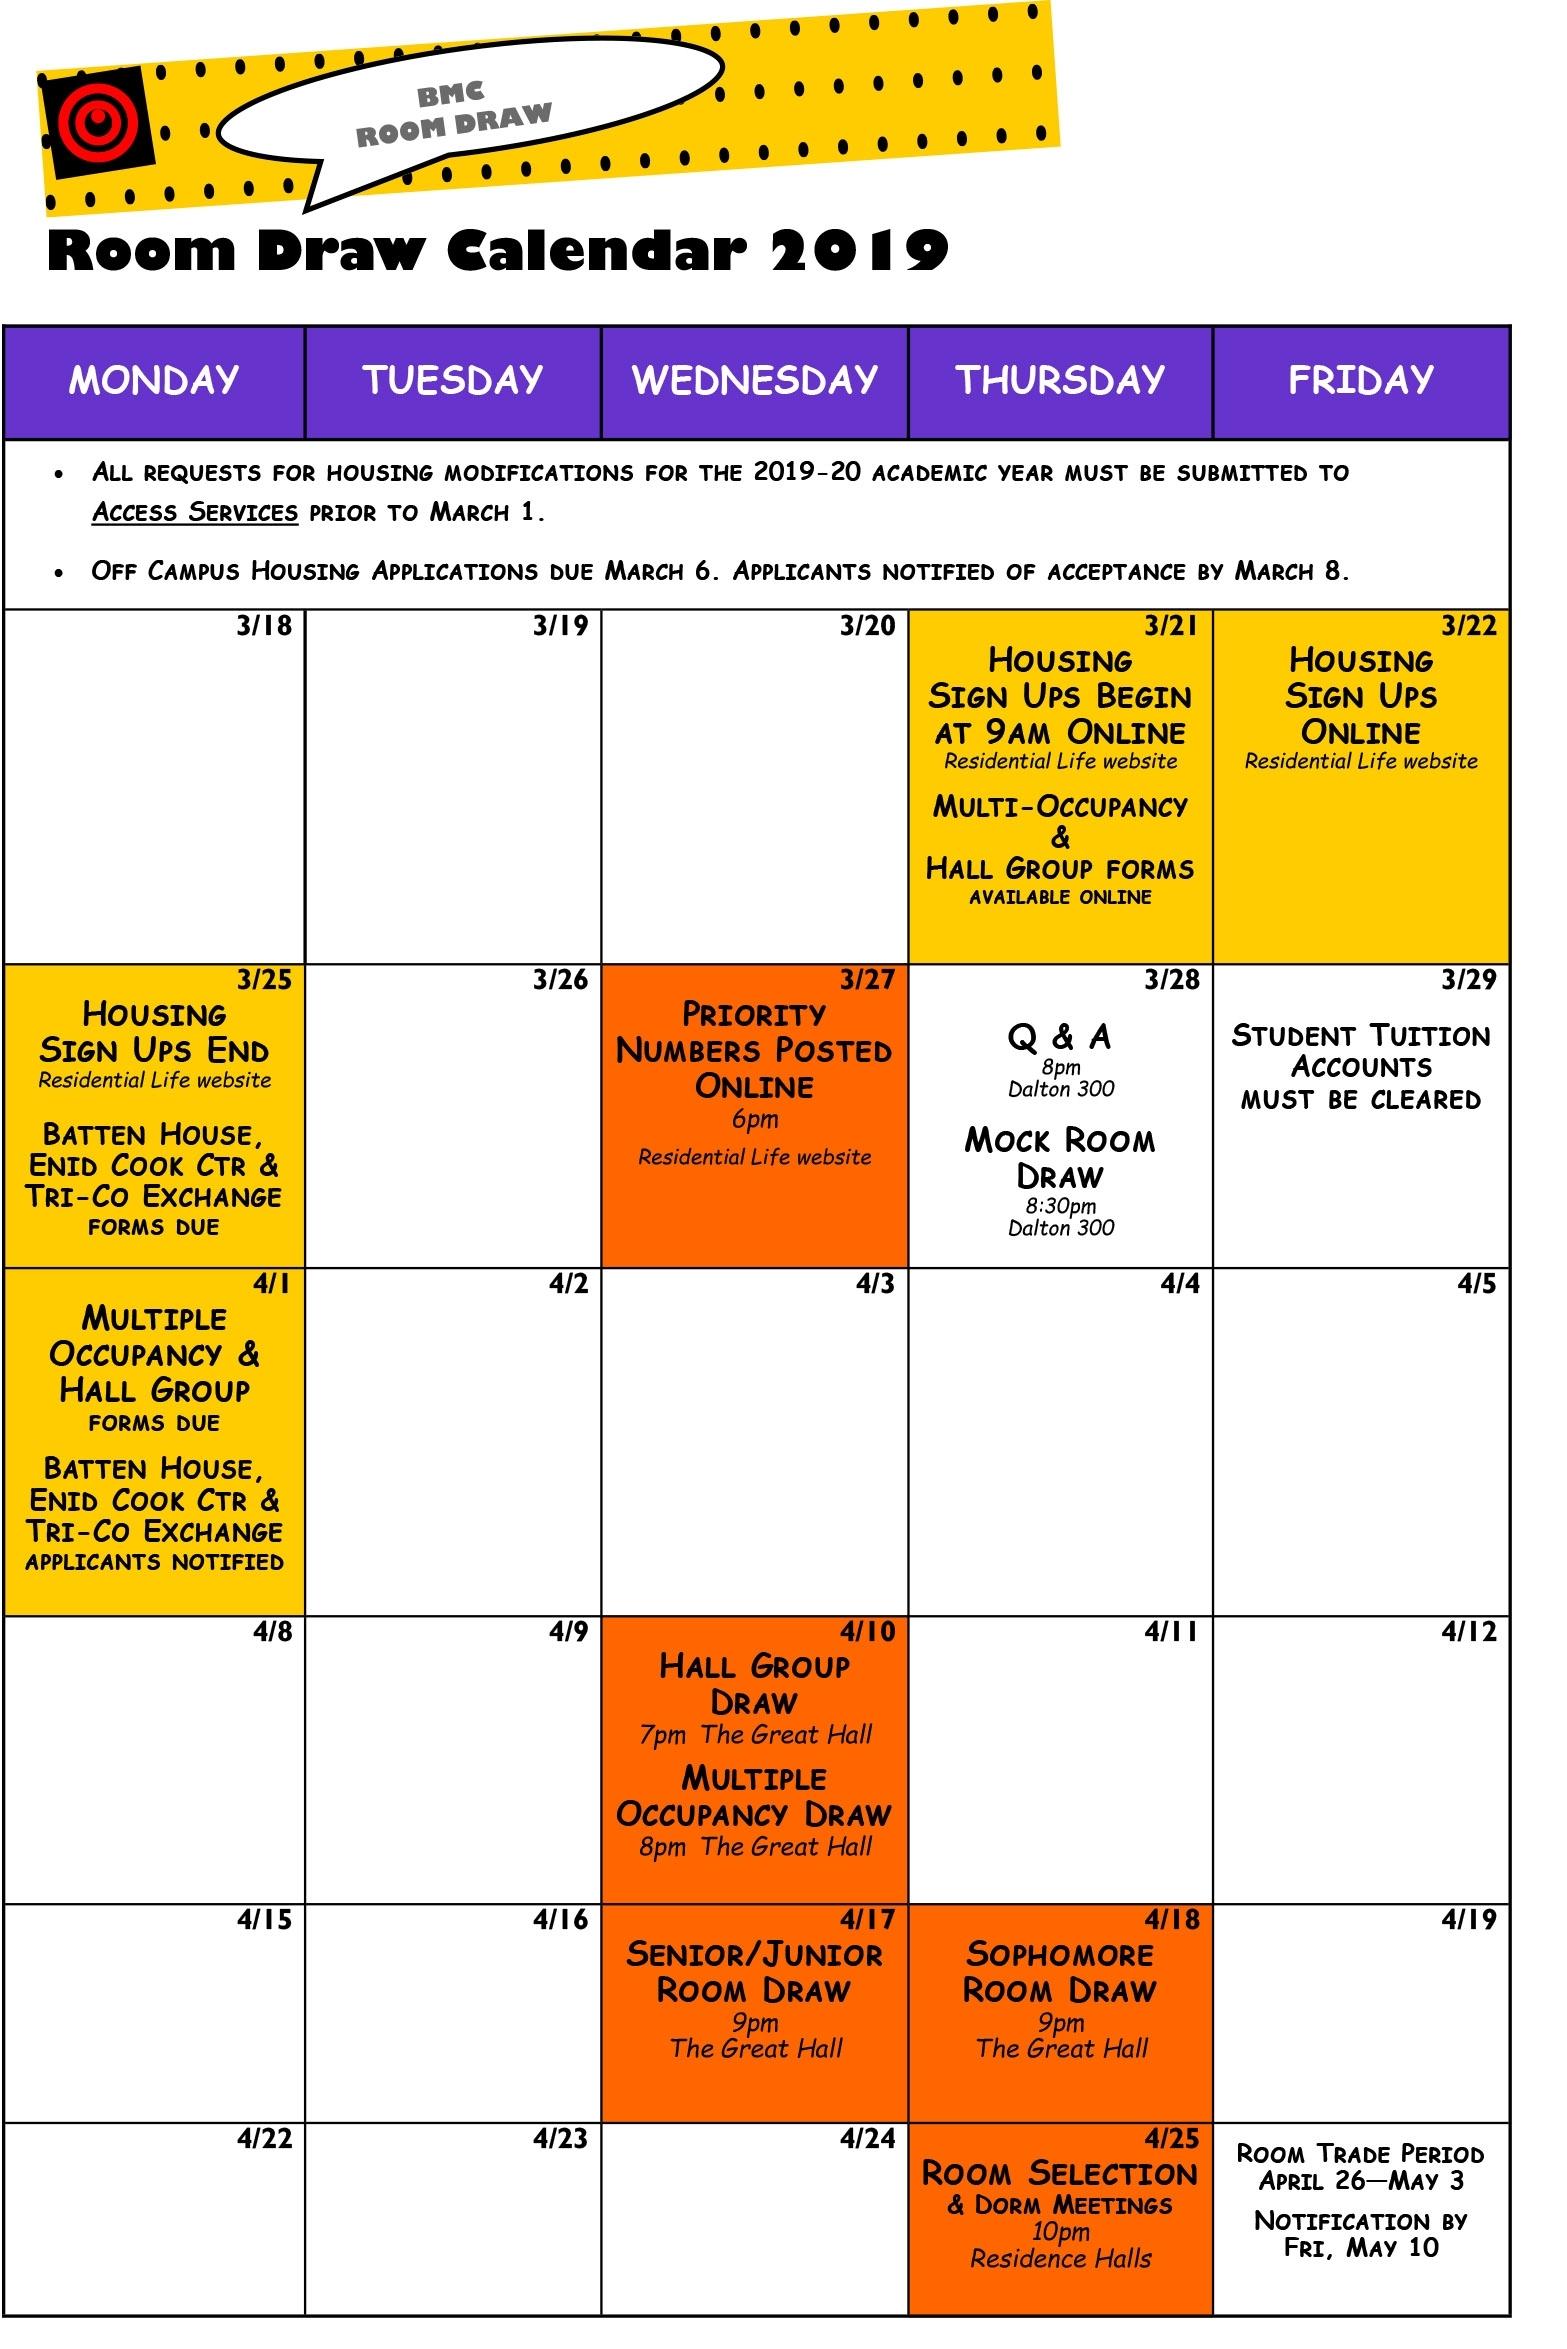 Room Draw Calendar | Bryn Mawr College